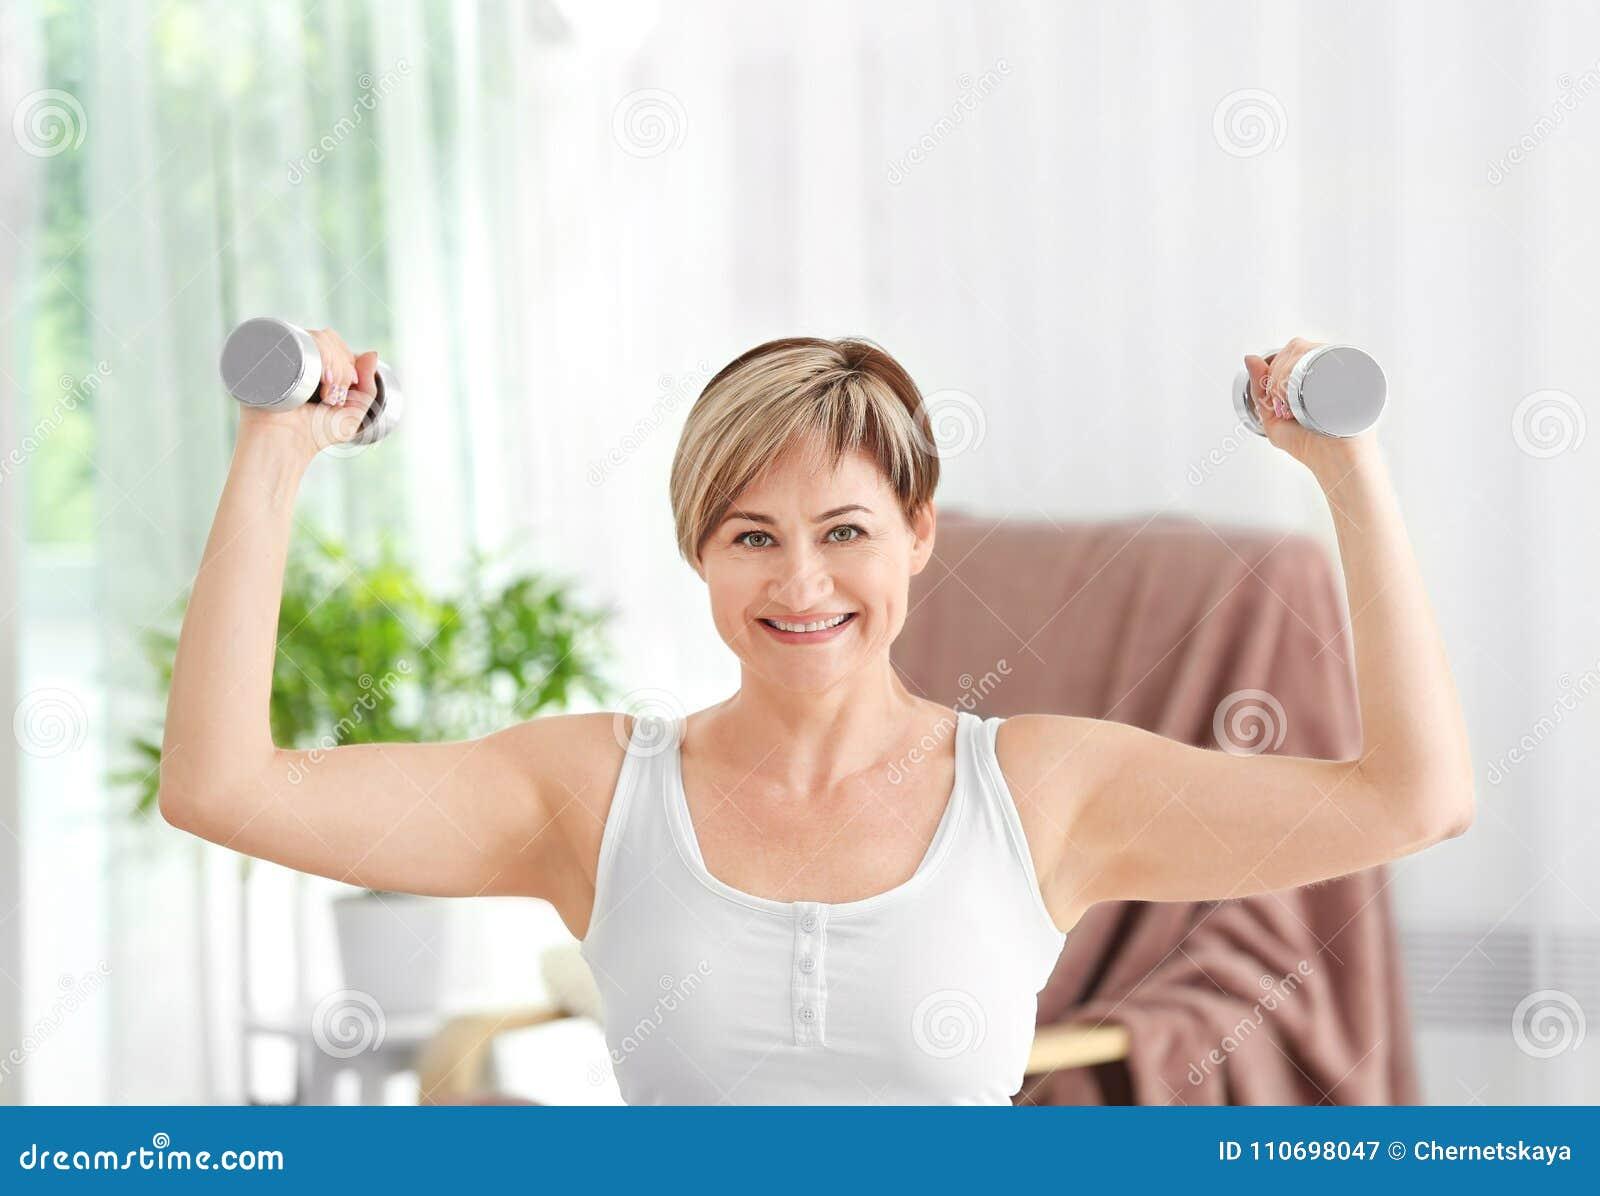 Entrenar pesas en casa